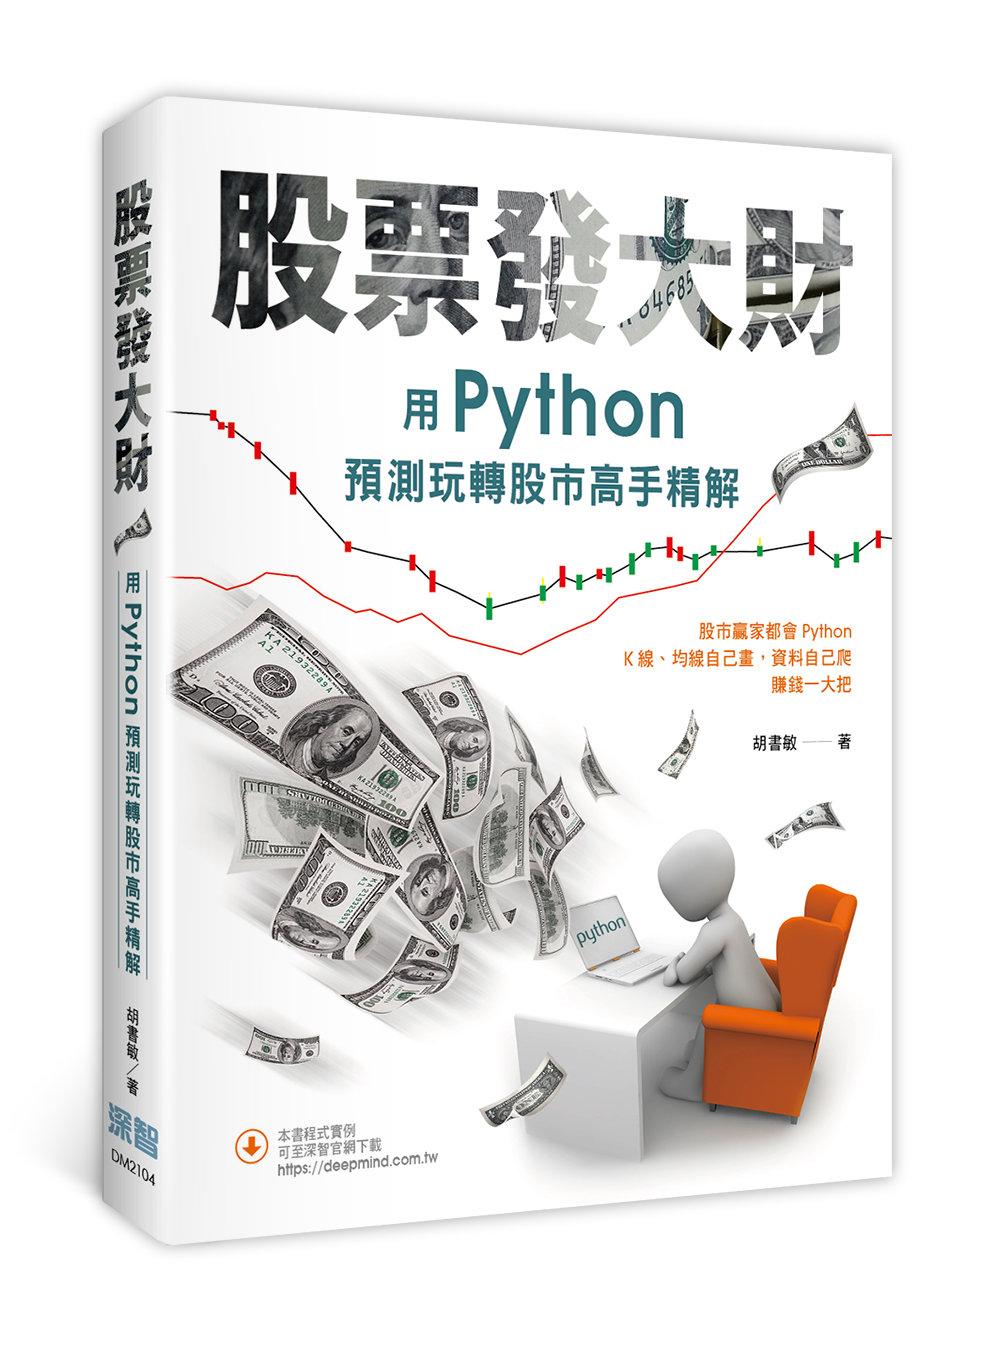 股票發大財:用 Python 預測玩轉股市高手精解-preview-1